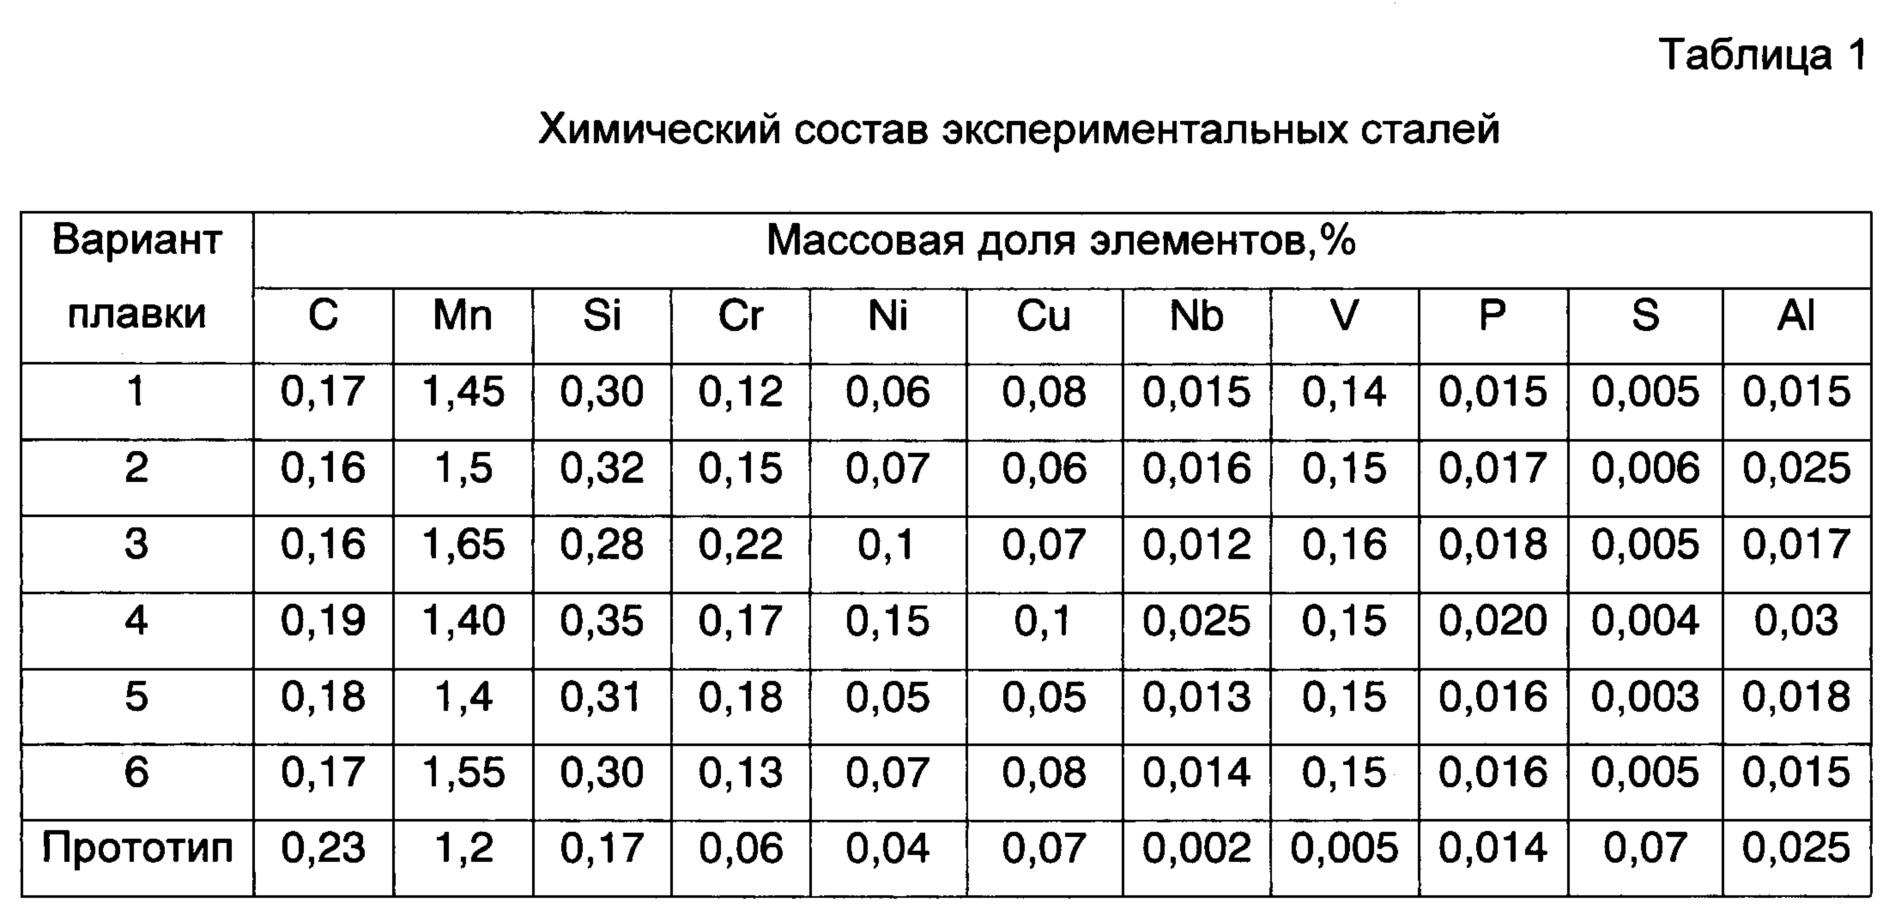 Легирование стали: классификация и описание процесса